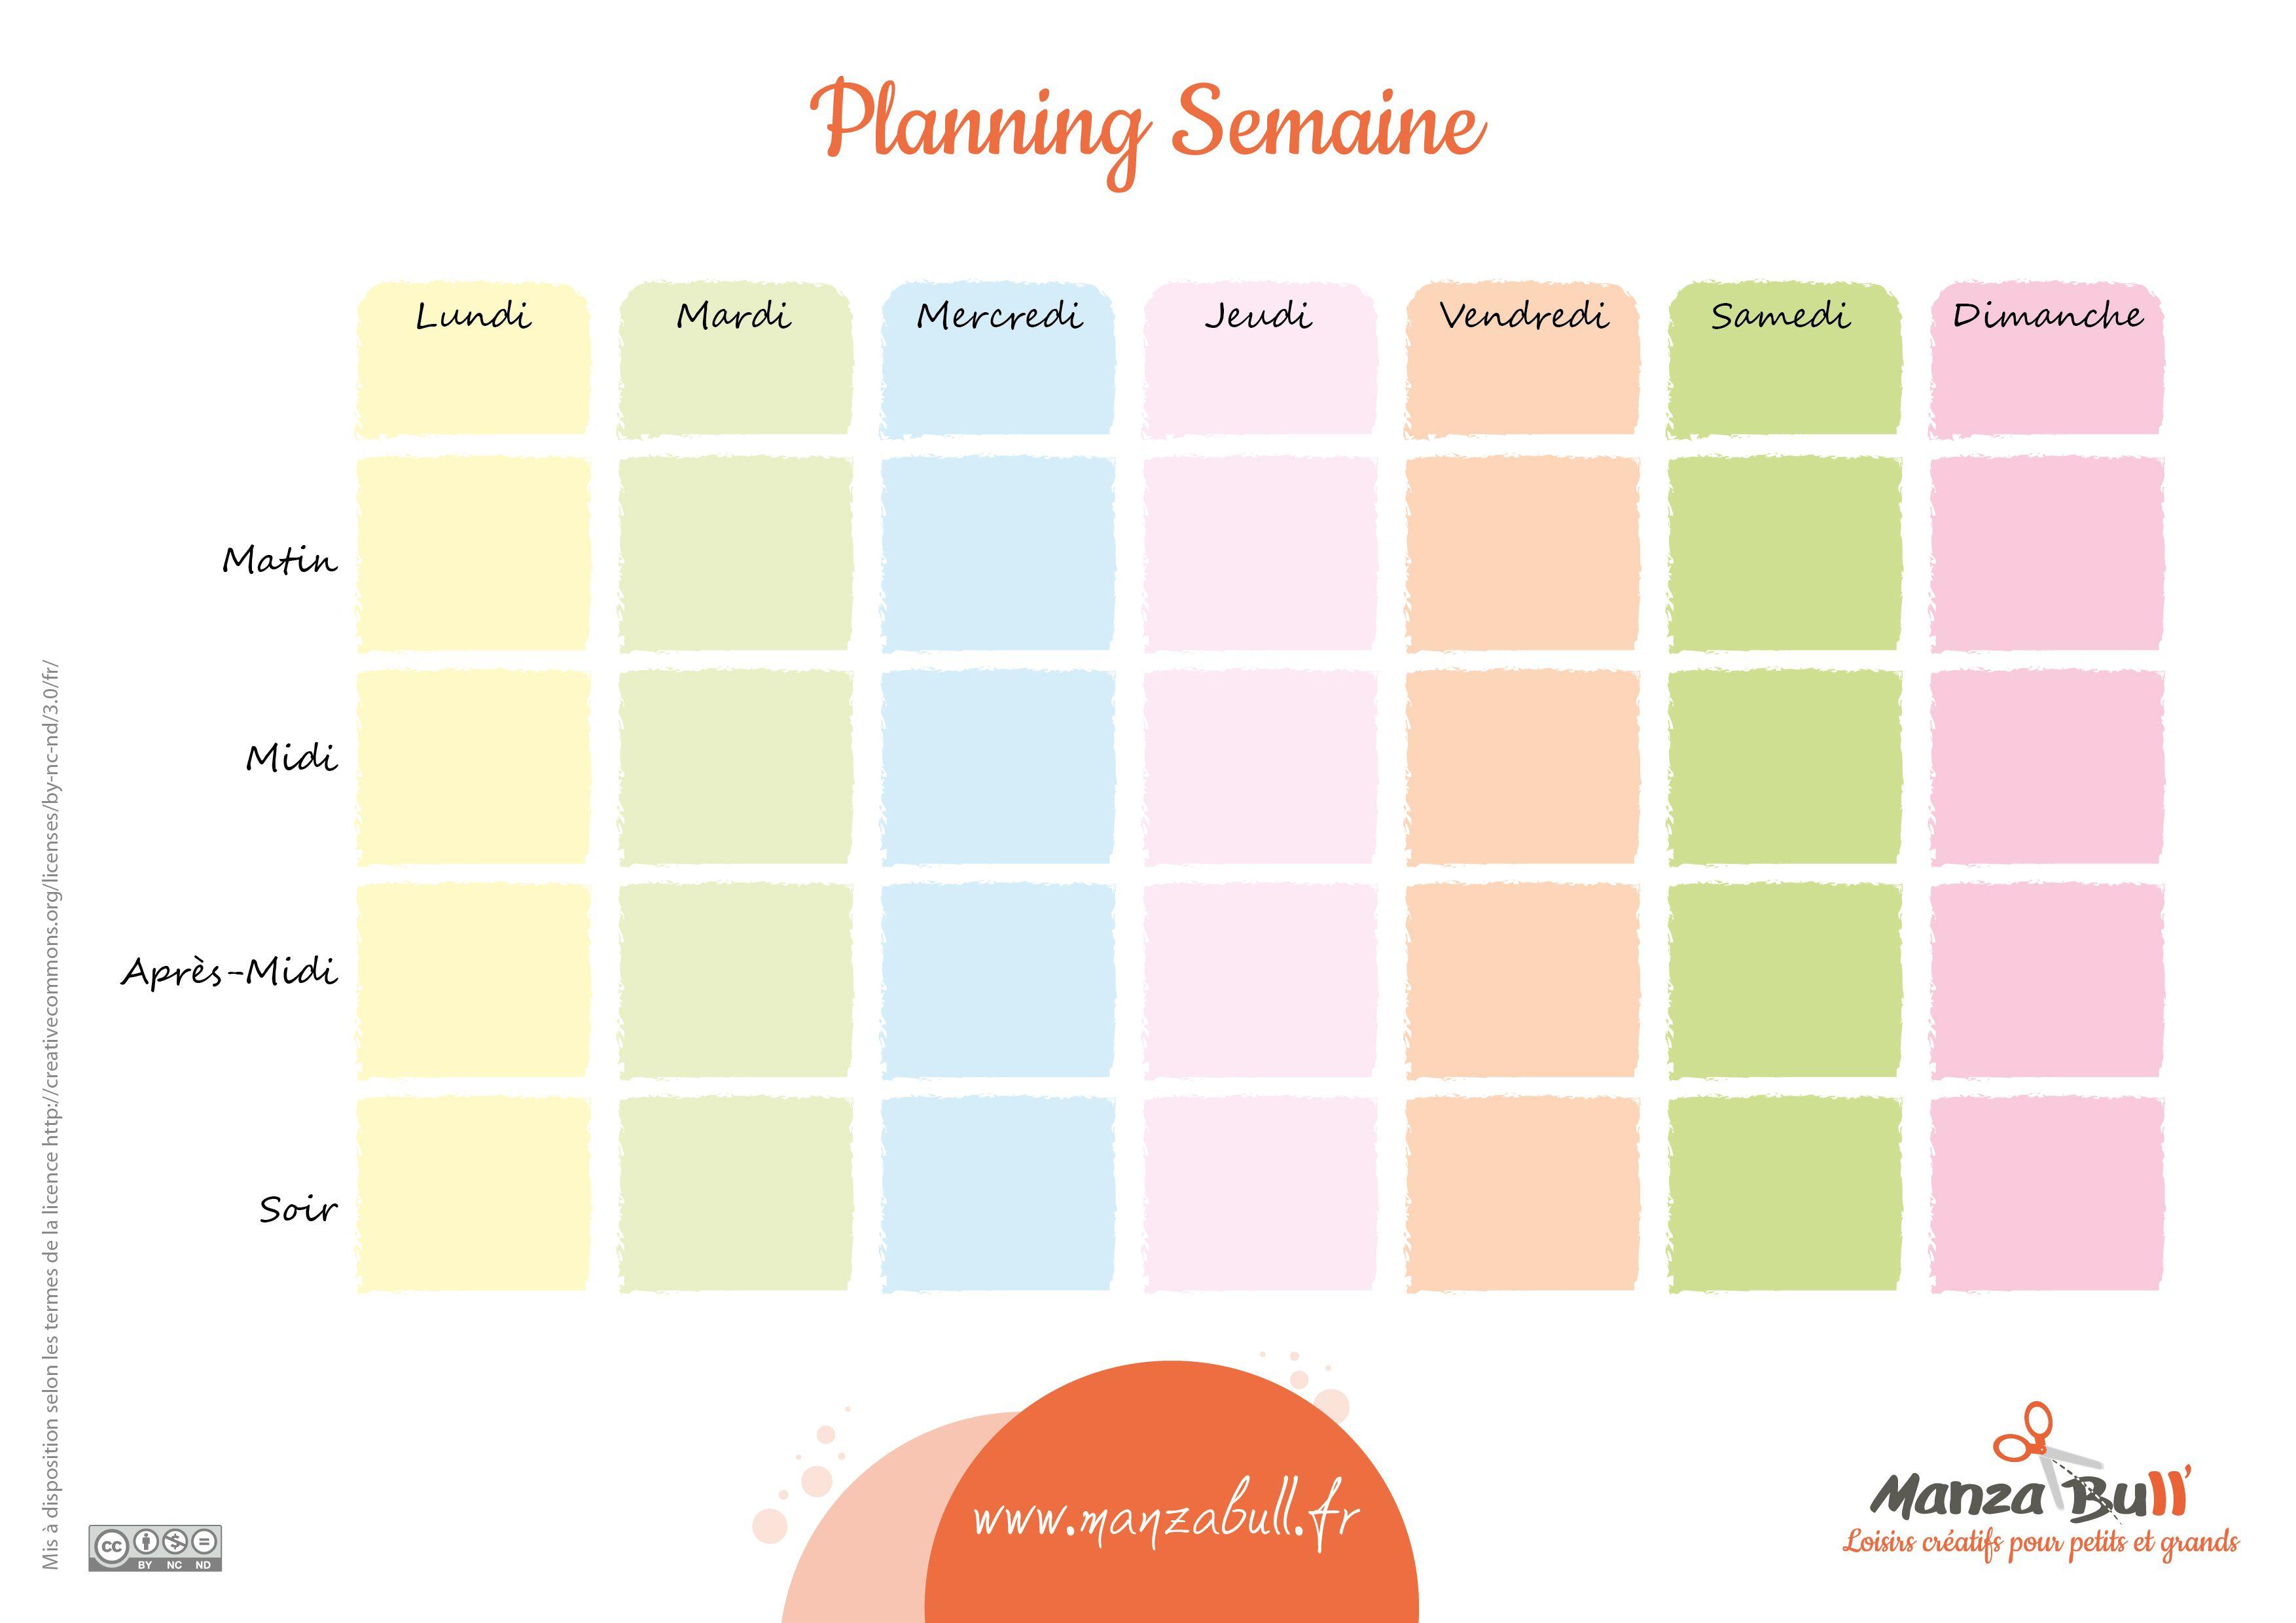 ManzaBull_Planning_Semaine-01 | Planning semaine, Agenda imprimable, Plannig semaine